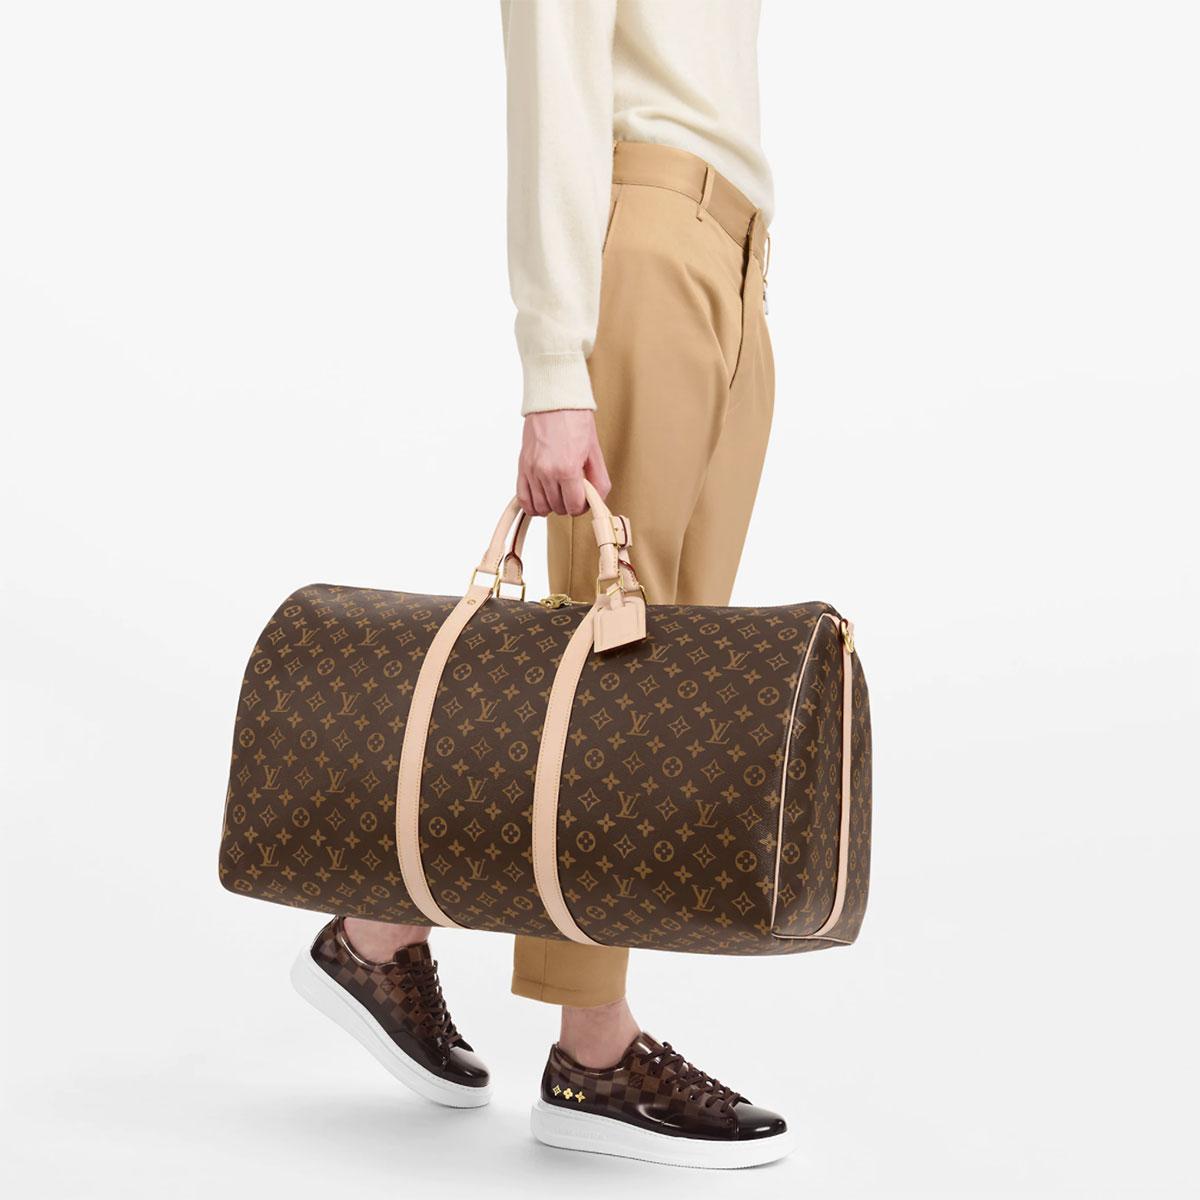 Băn khoăn có nên mua túi Louis Vuitton Keepall? Hãy đọc bài review này 9